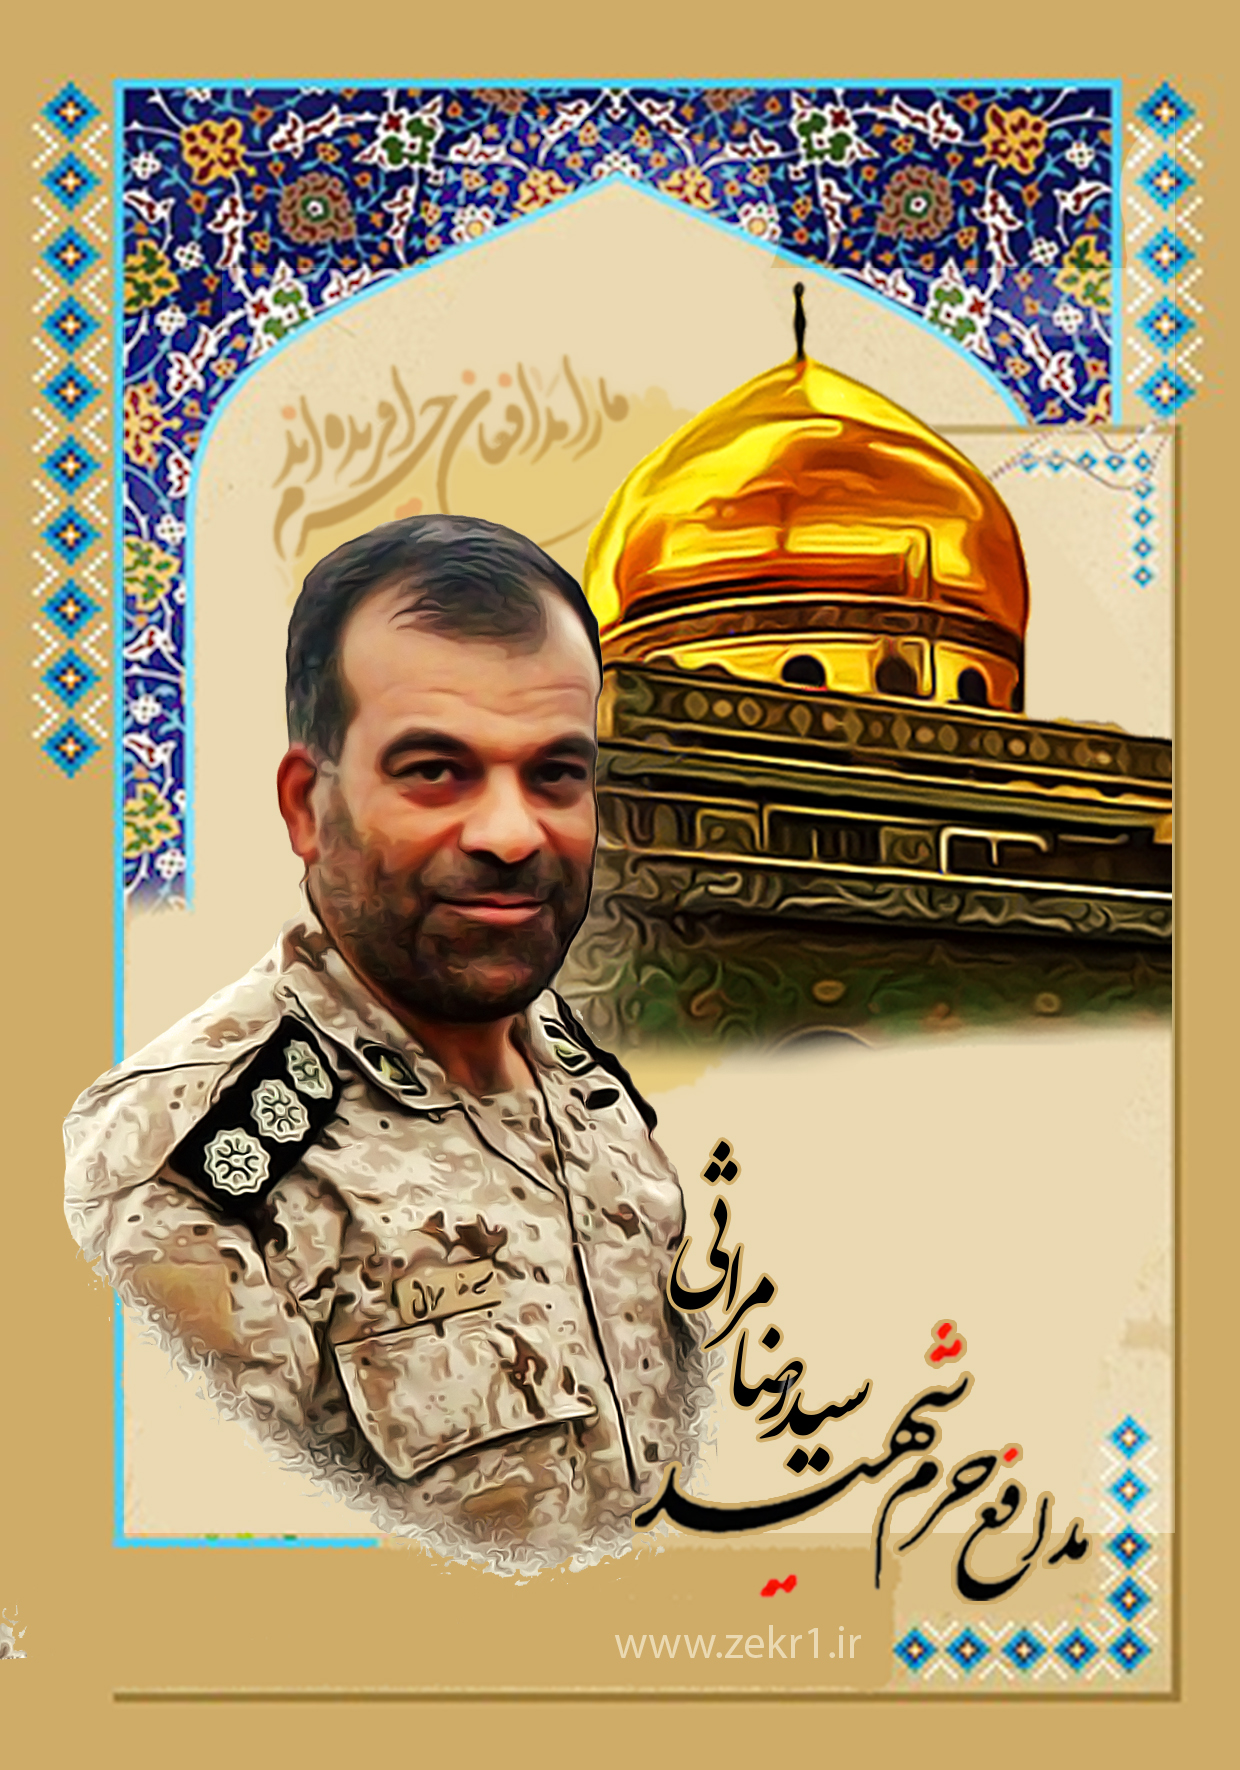 پوستر شهید سیدرضا مراثی + عکس جدید شهید سیدرضا مراثی